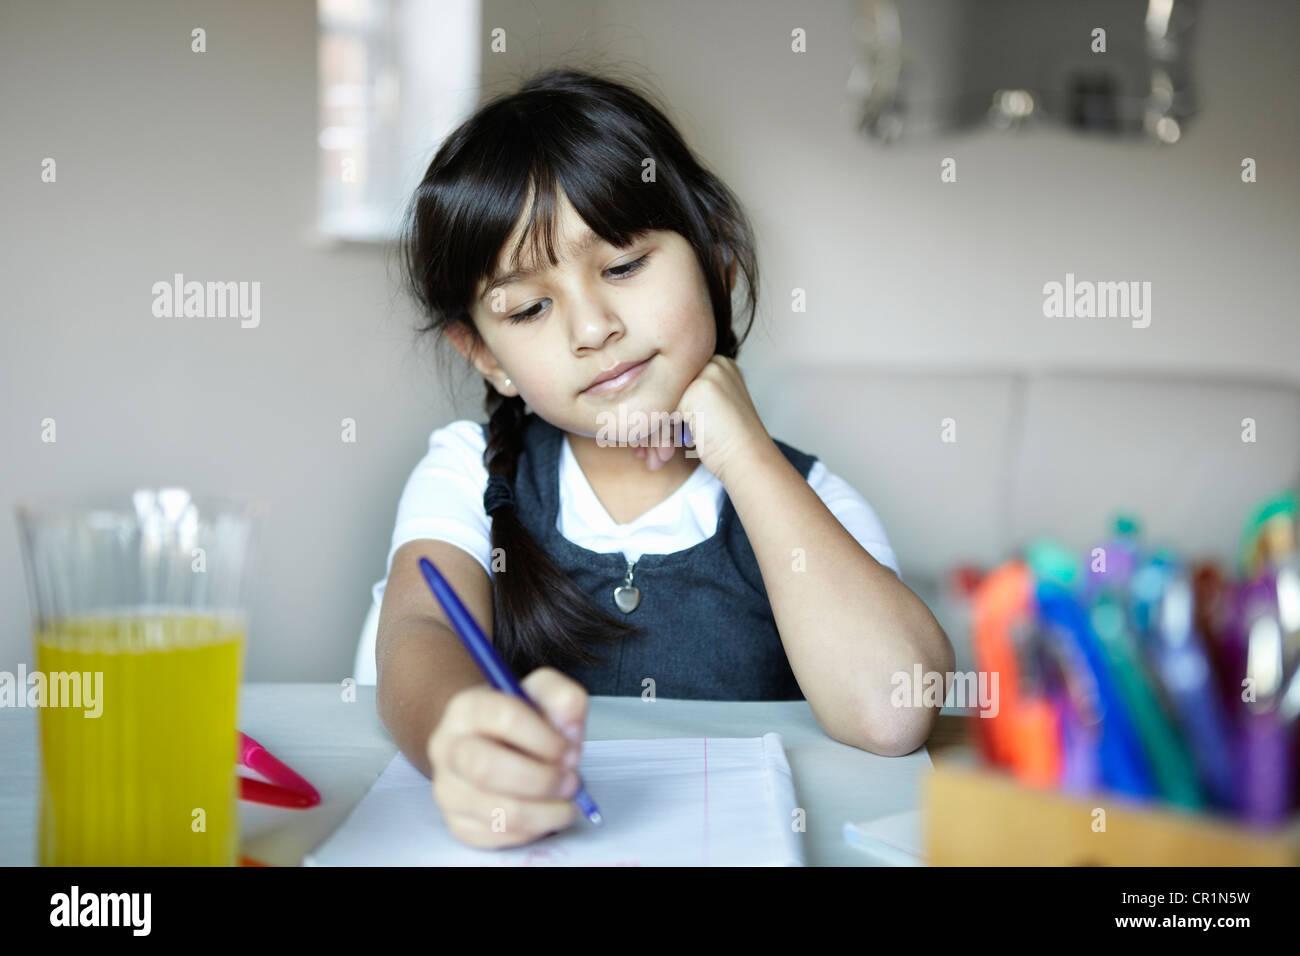 Schulmädchen schreiben am Schreibtisch Stockbild